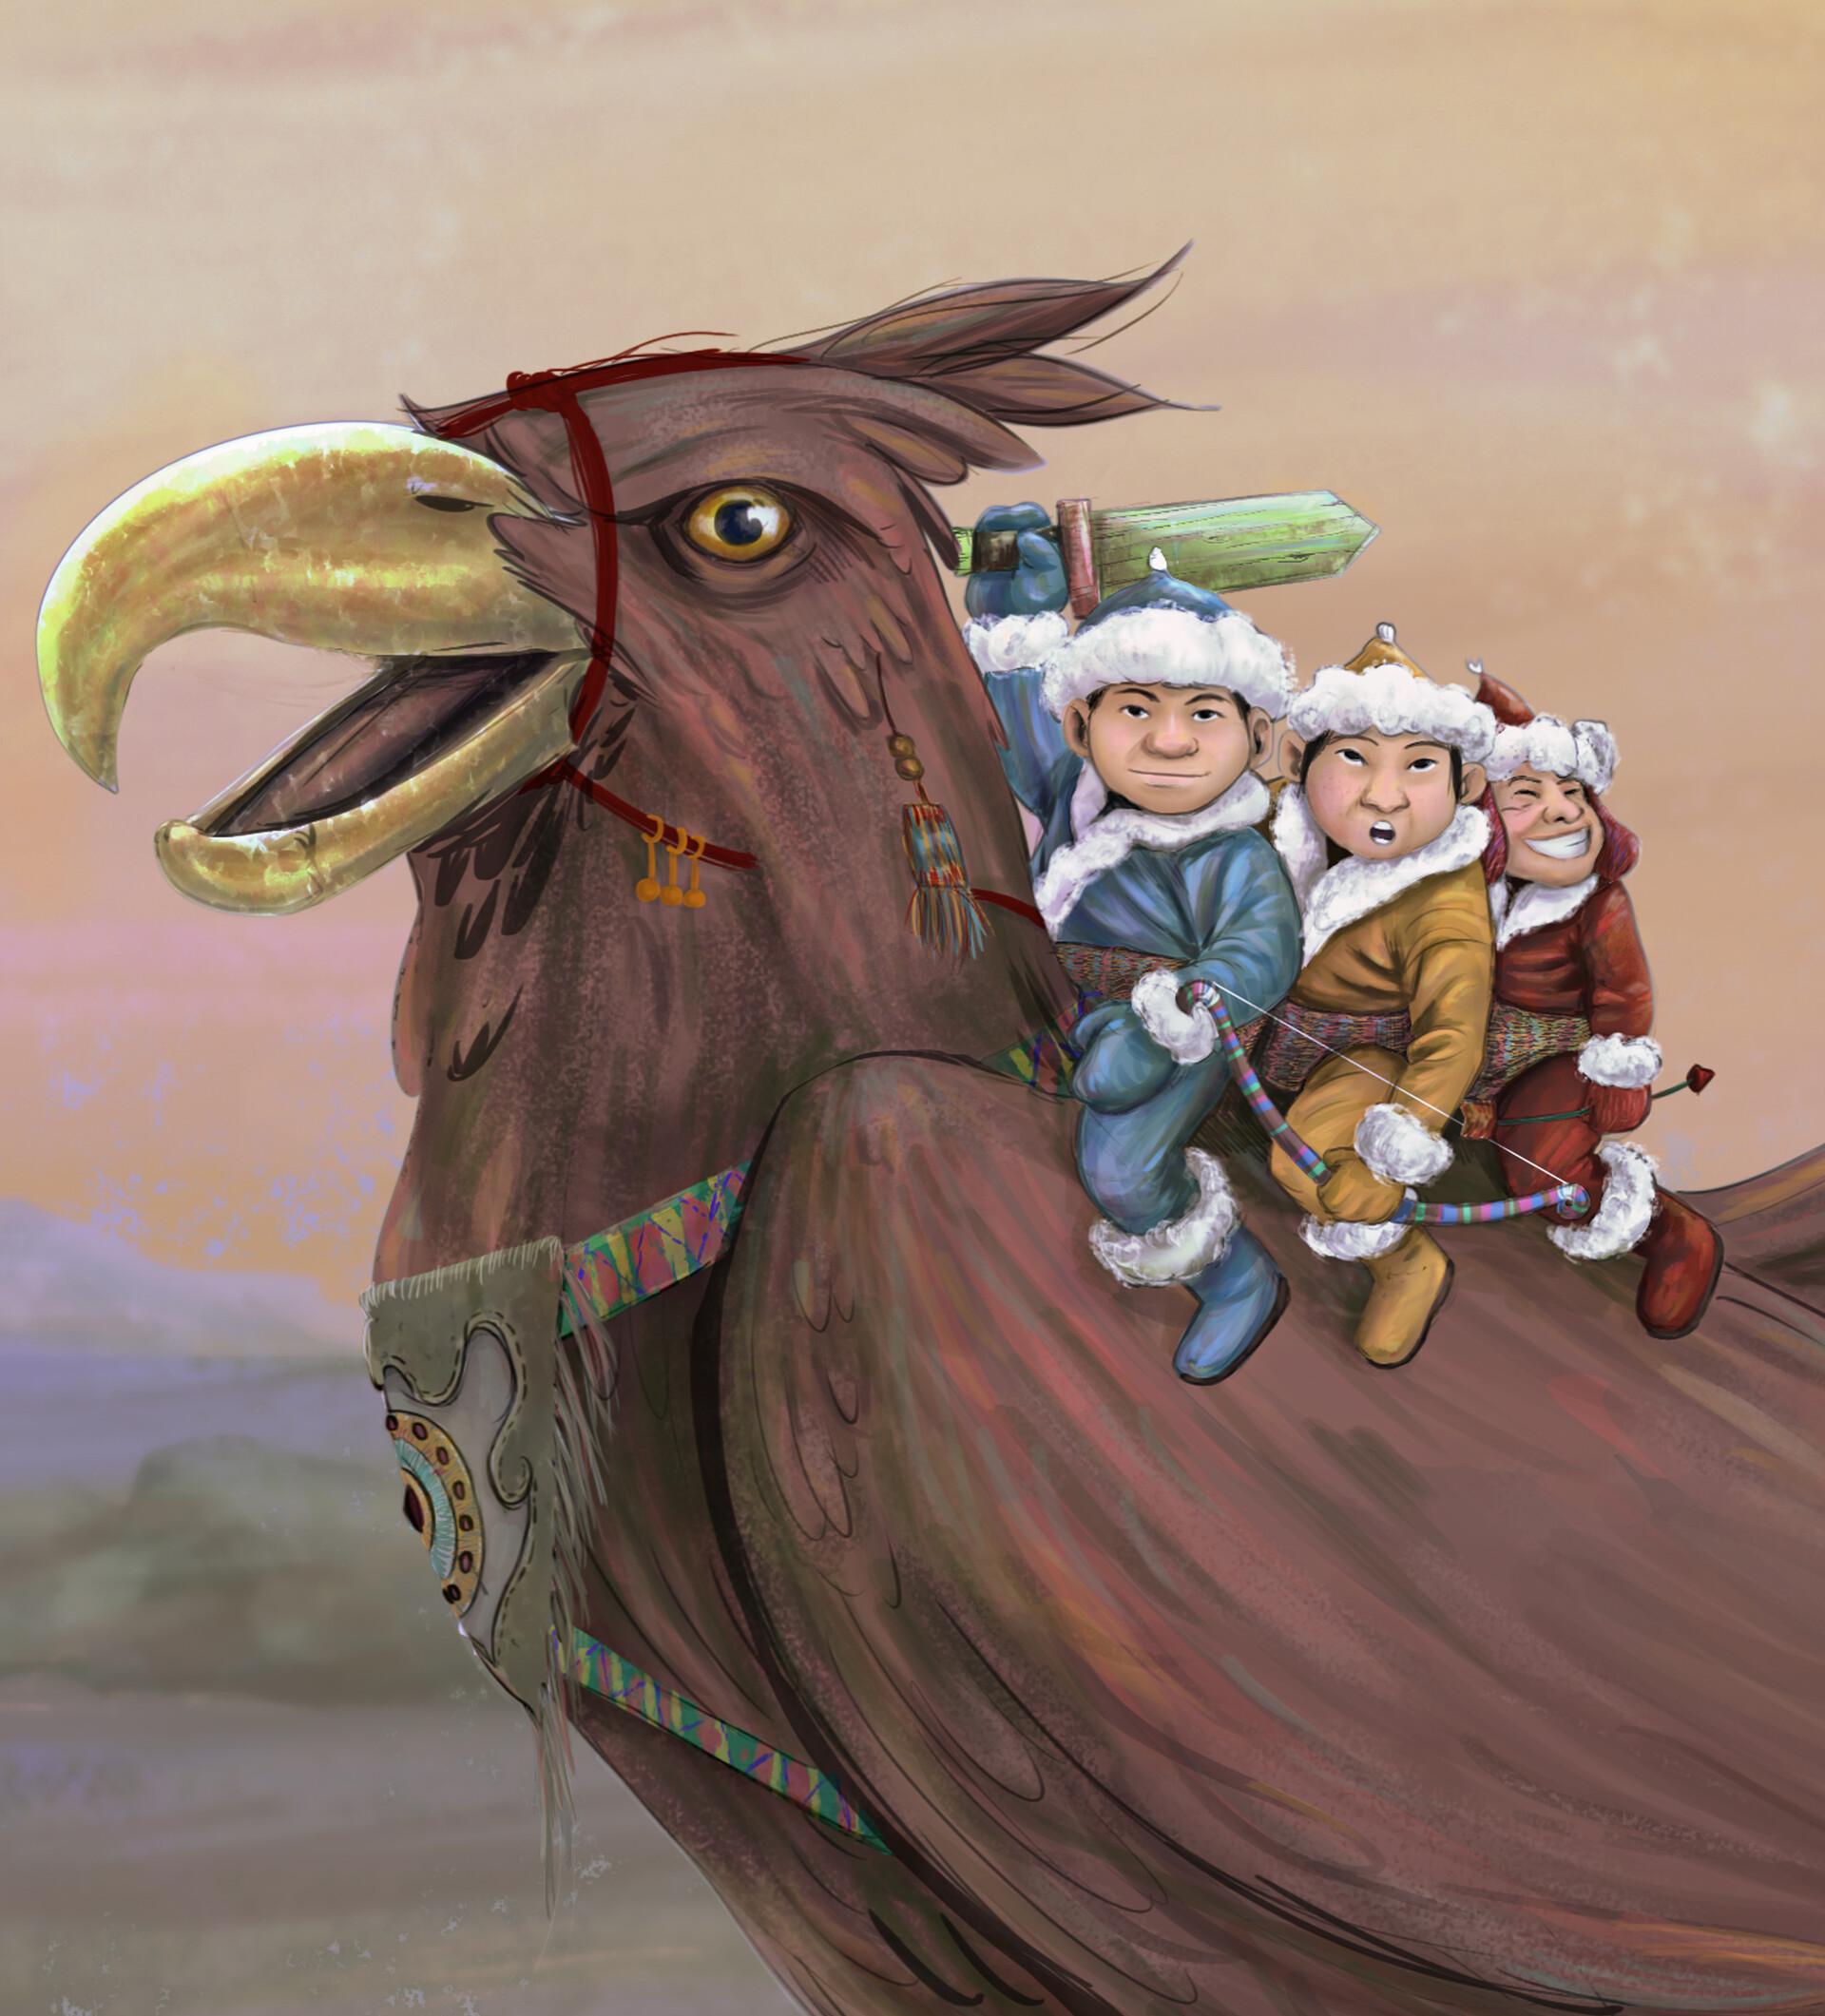 Italo gaspar curandeiro de aguias guerreiras 2